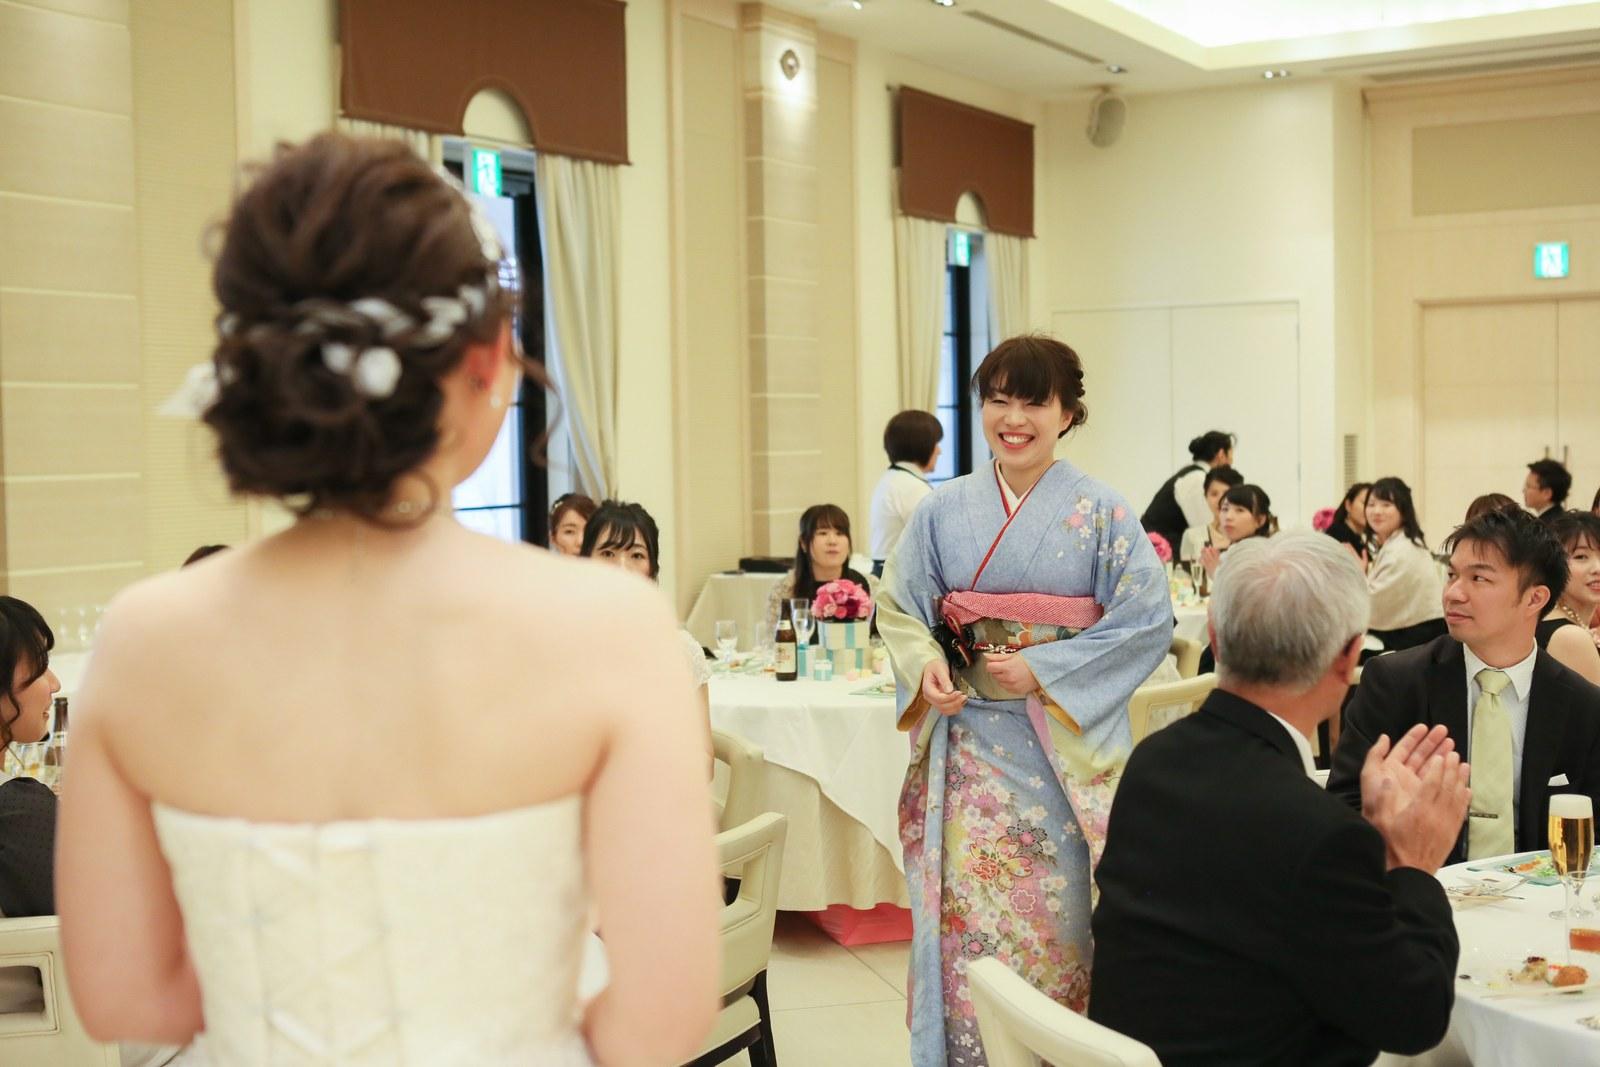 高松市の結婚式場アイルバレクラブでご家族と中座